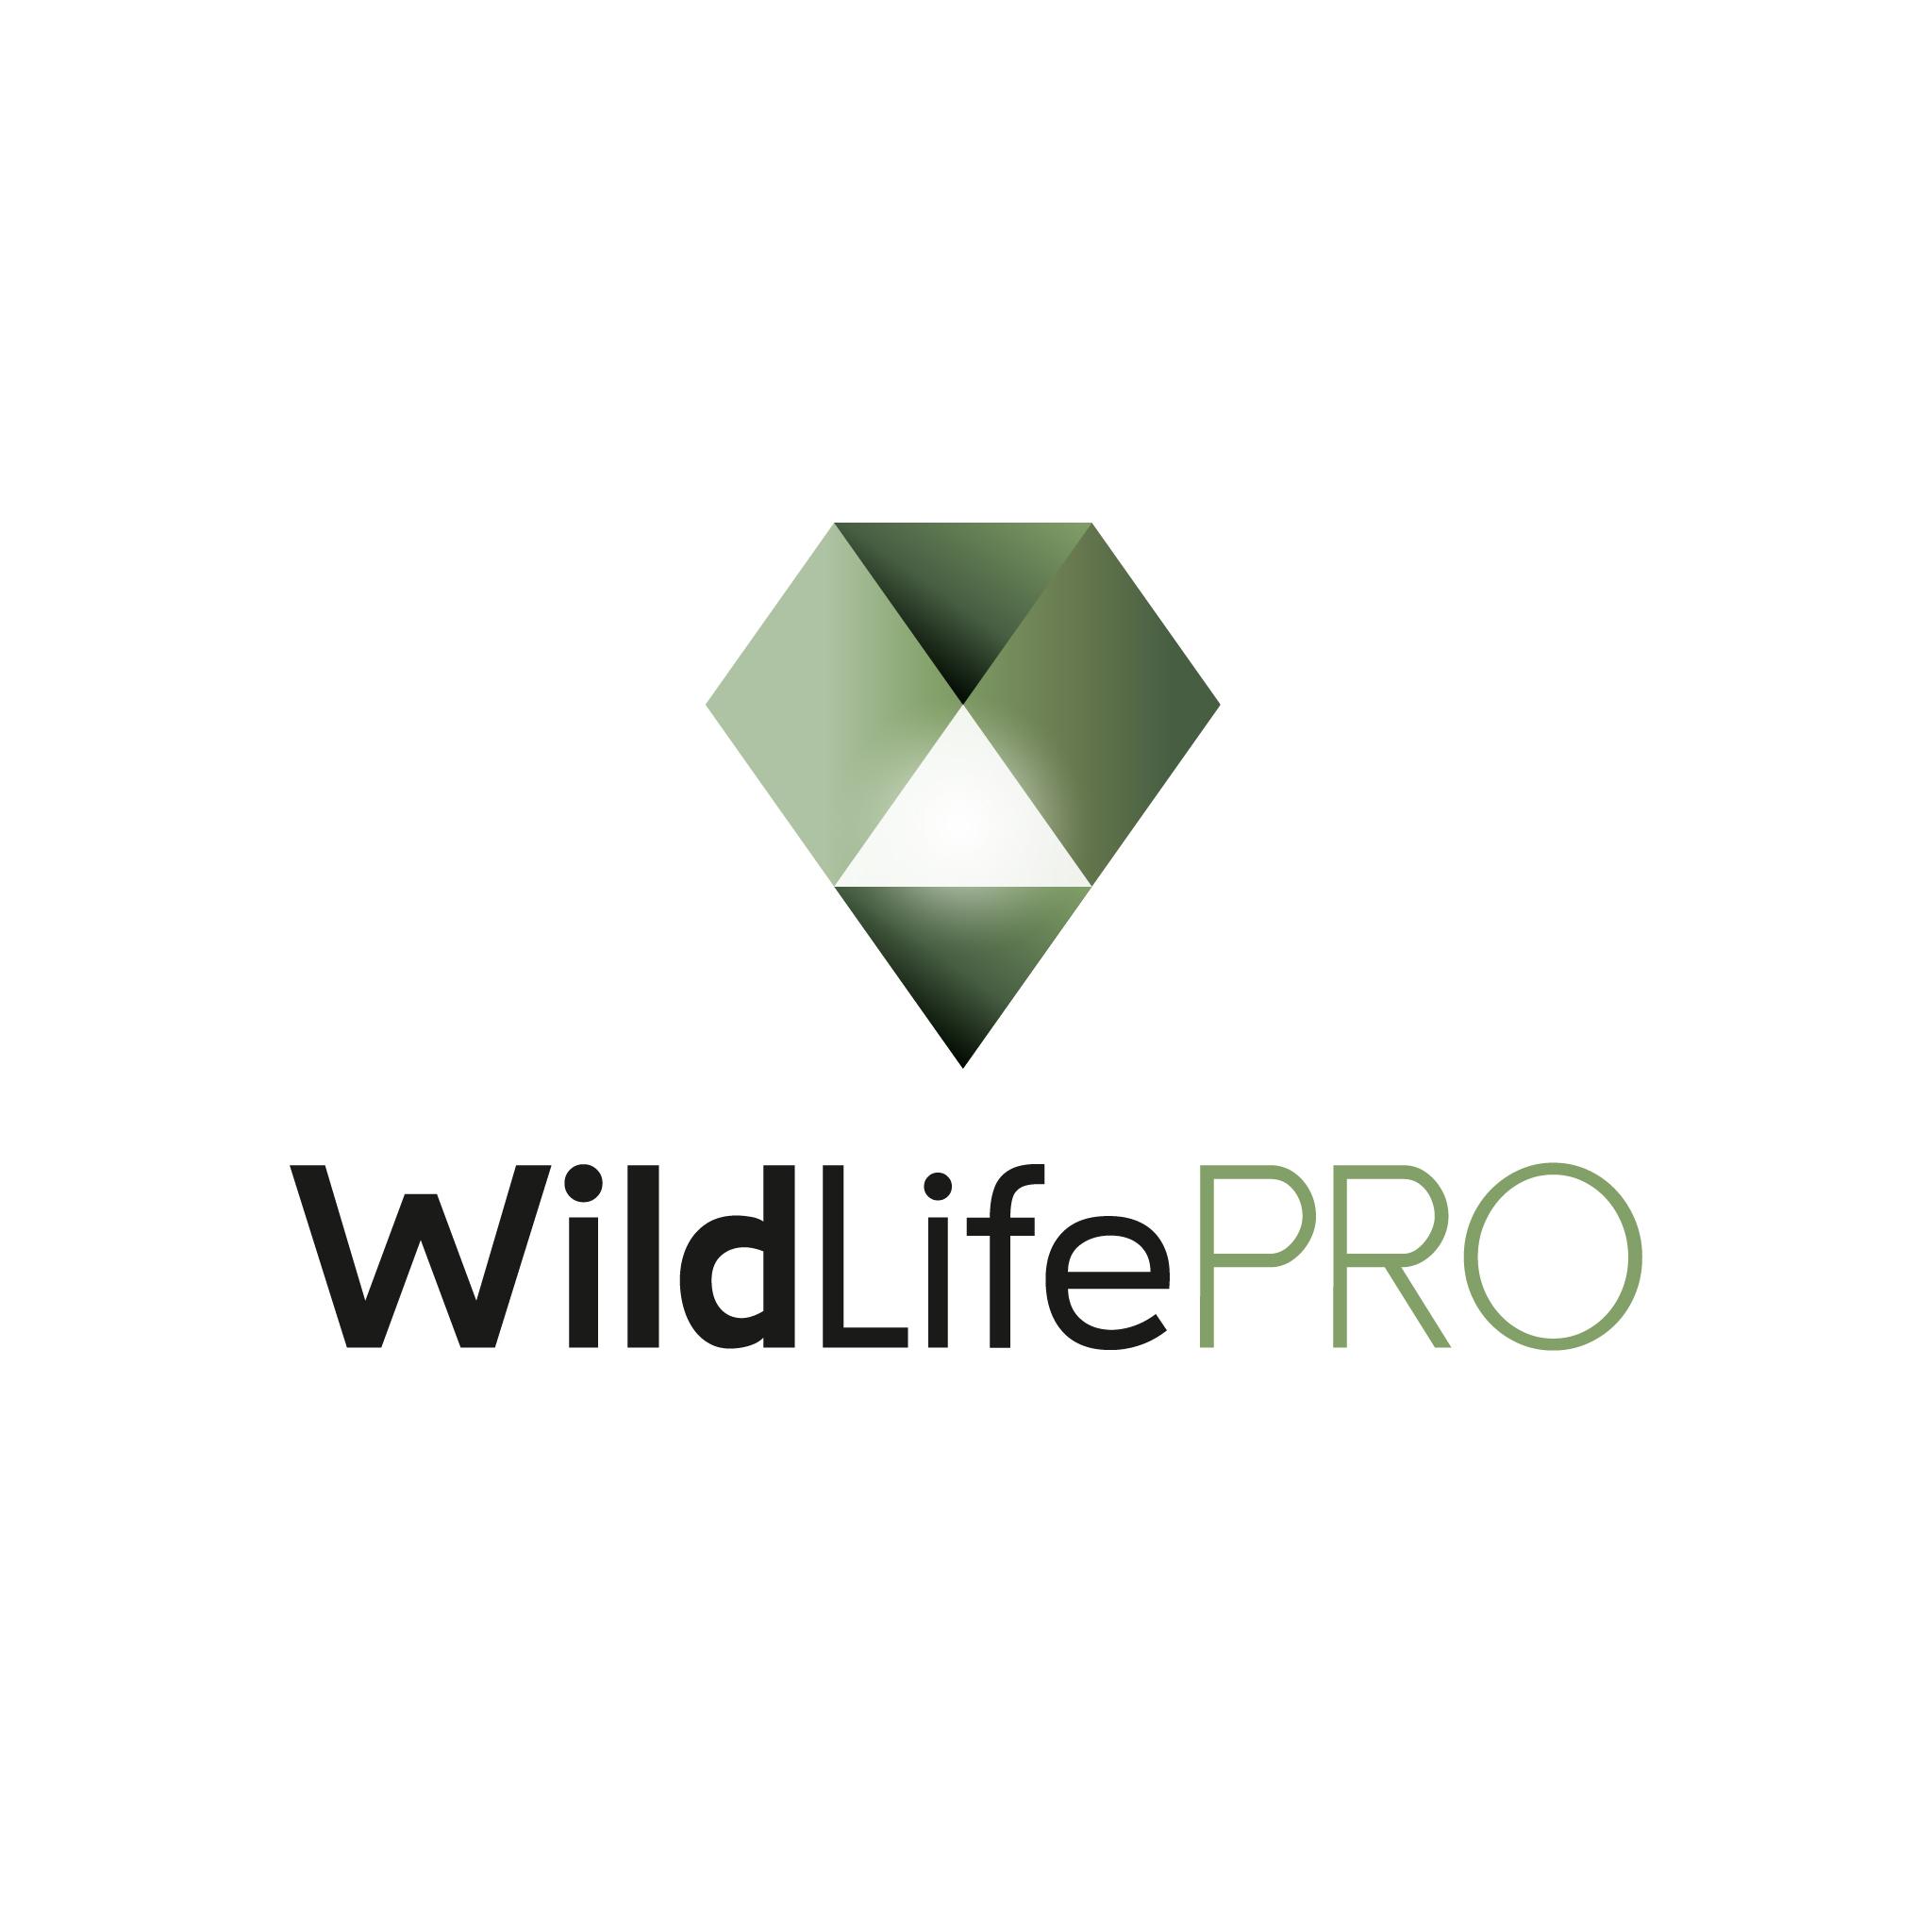 WildLifePro logo